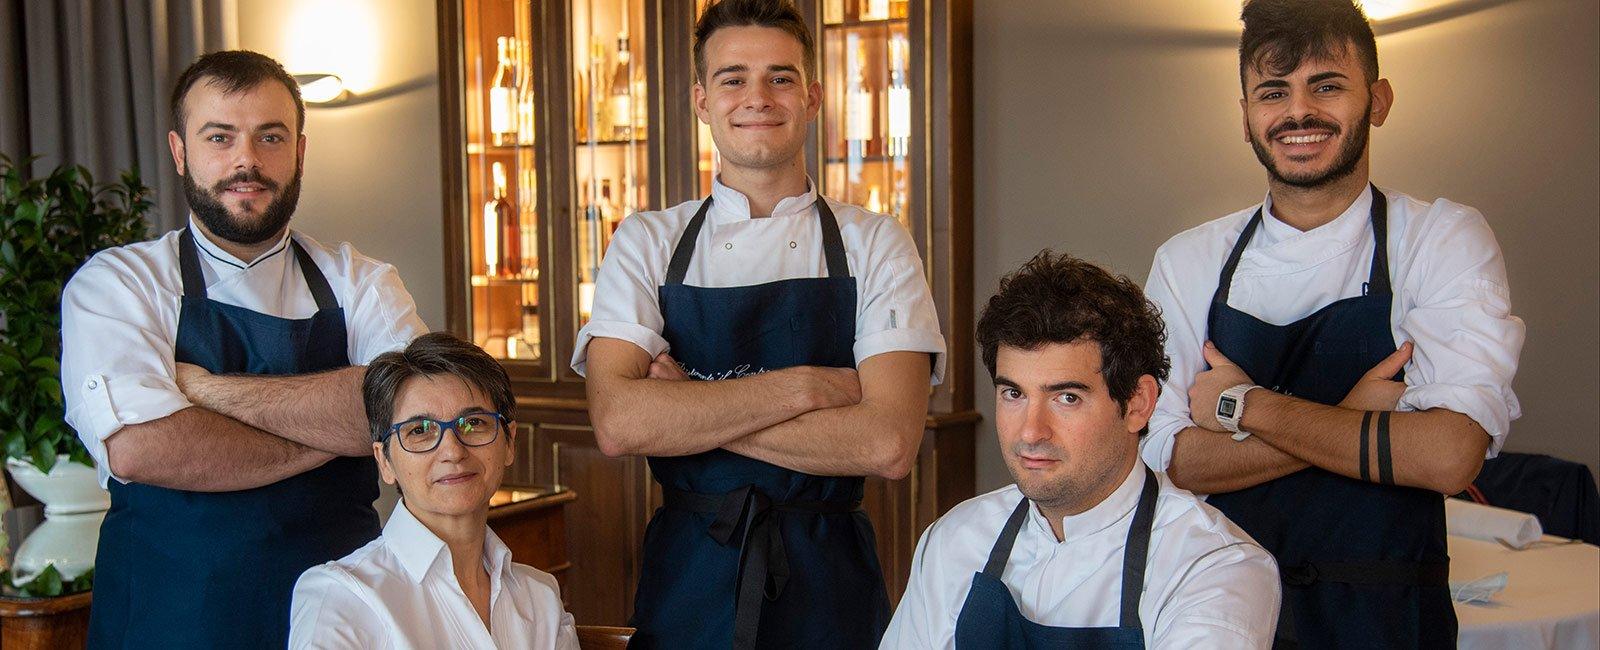 Chef e cucina - Ristorante Il Centro Priocca